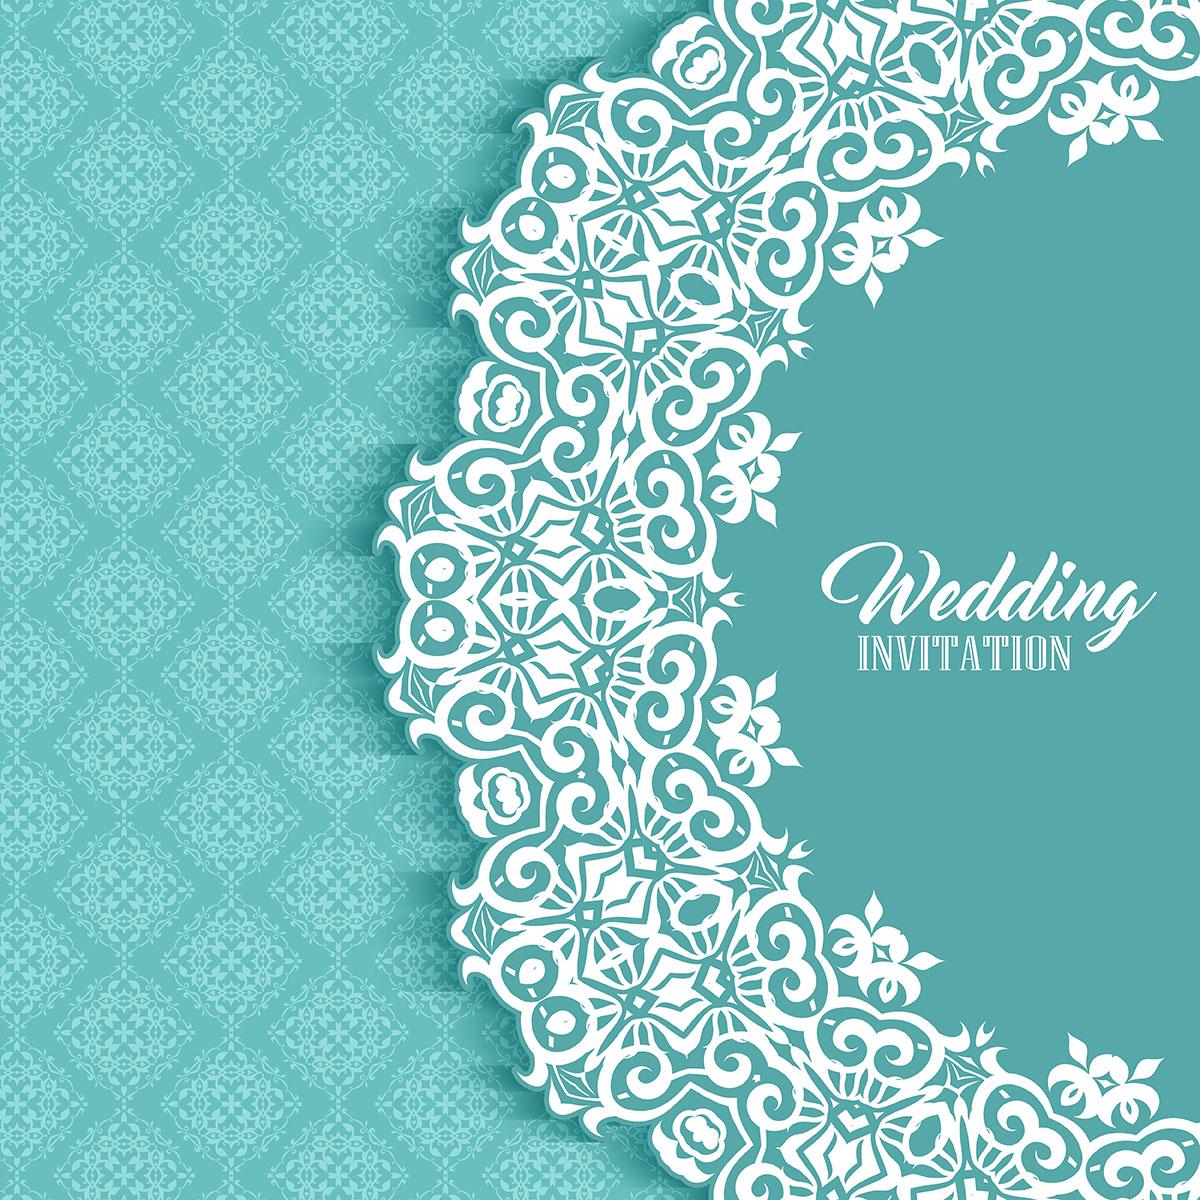 decorative invitation background  download free vectors